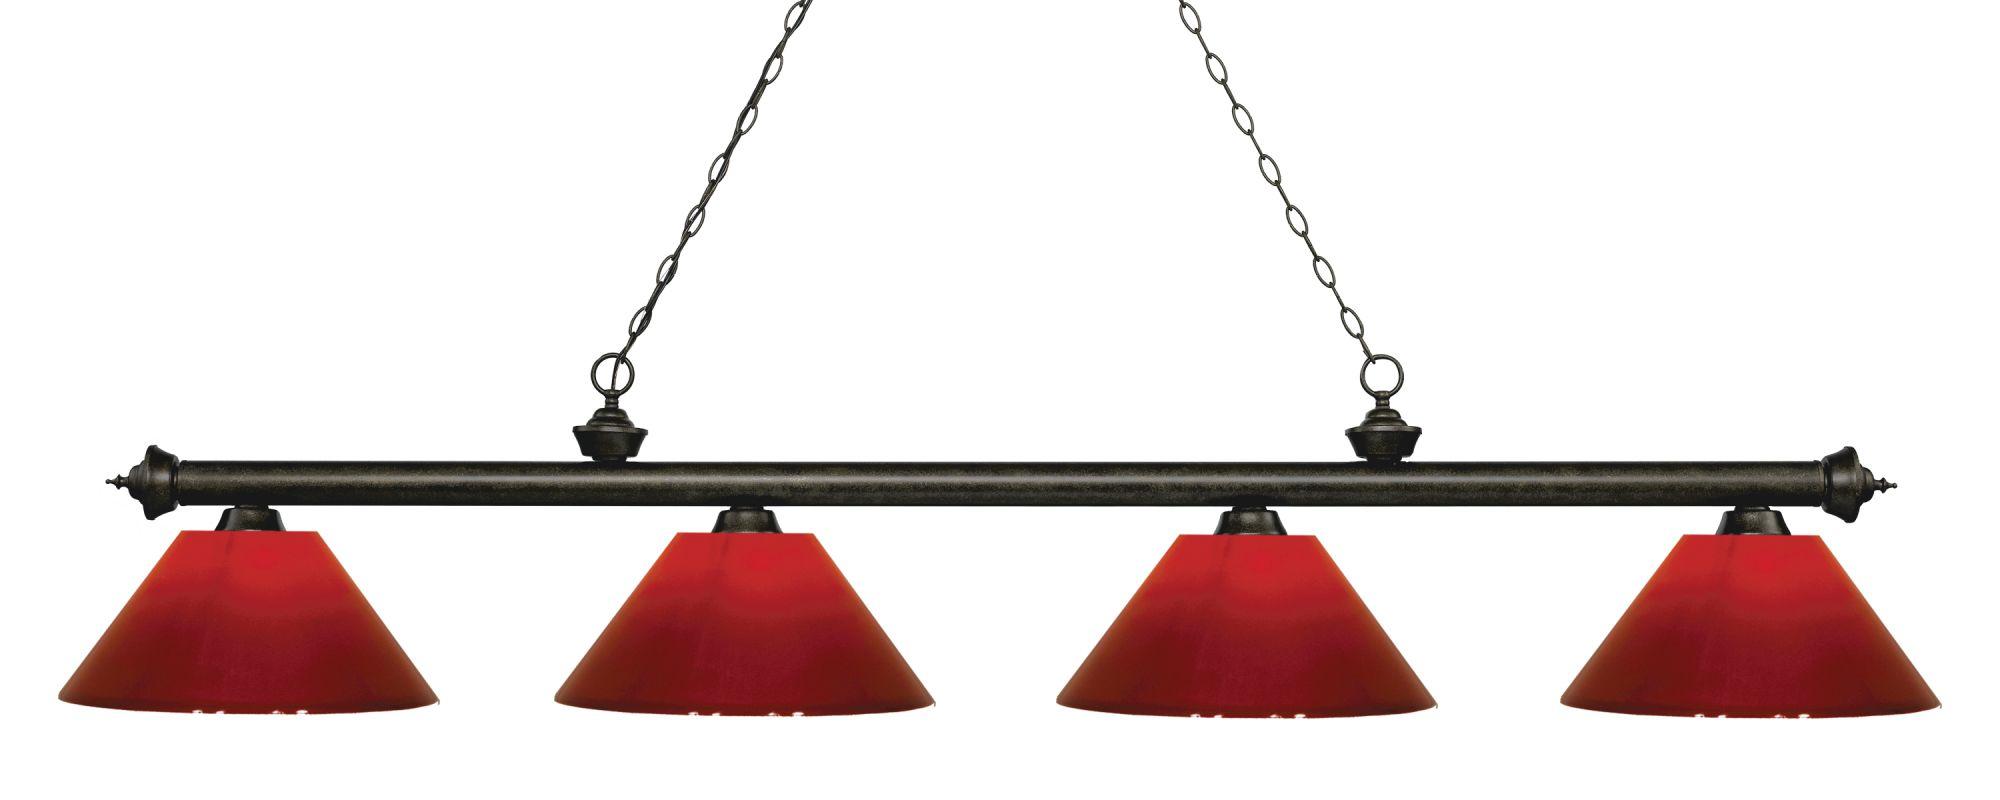 Z-Lite 200-4-PRD Riviera 4 Light Island/Billiard Light with Red Sale $362.00 ITEM: bci2758263 ID#:200-4GB-PRD UPC: 685659059632 :